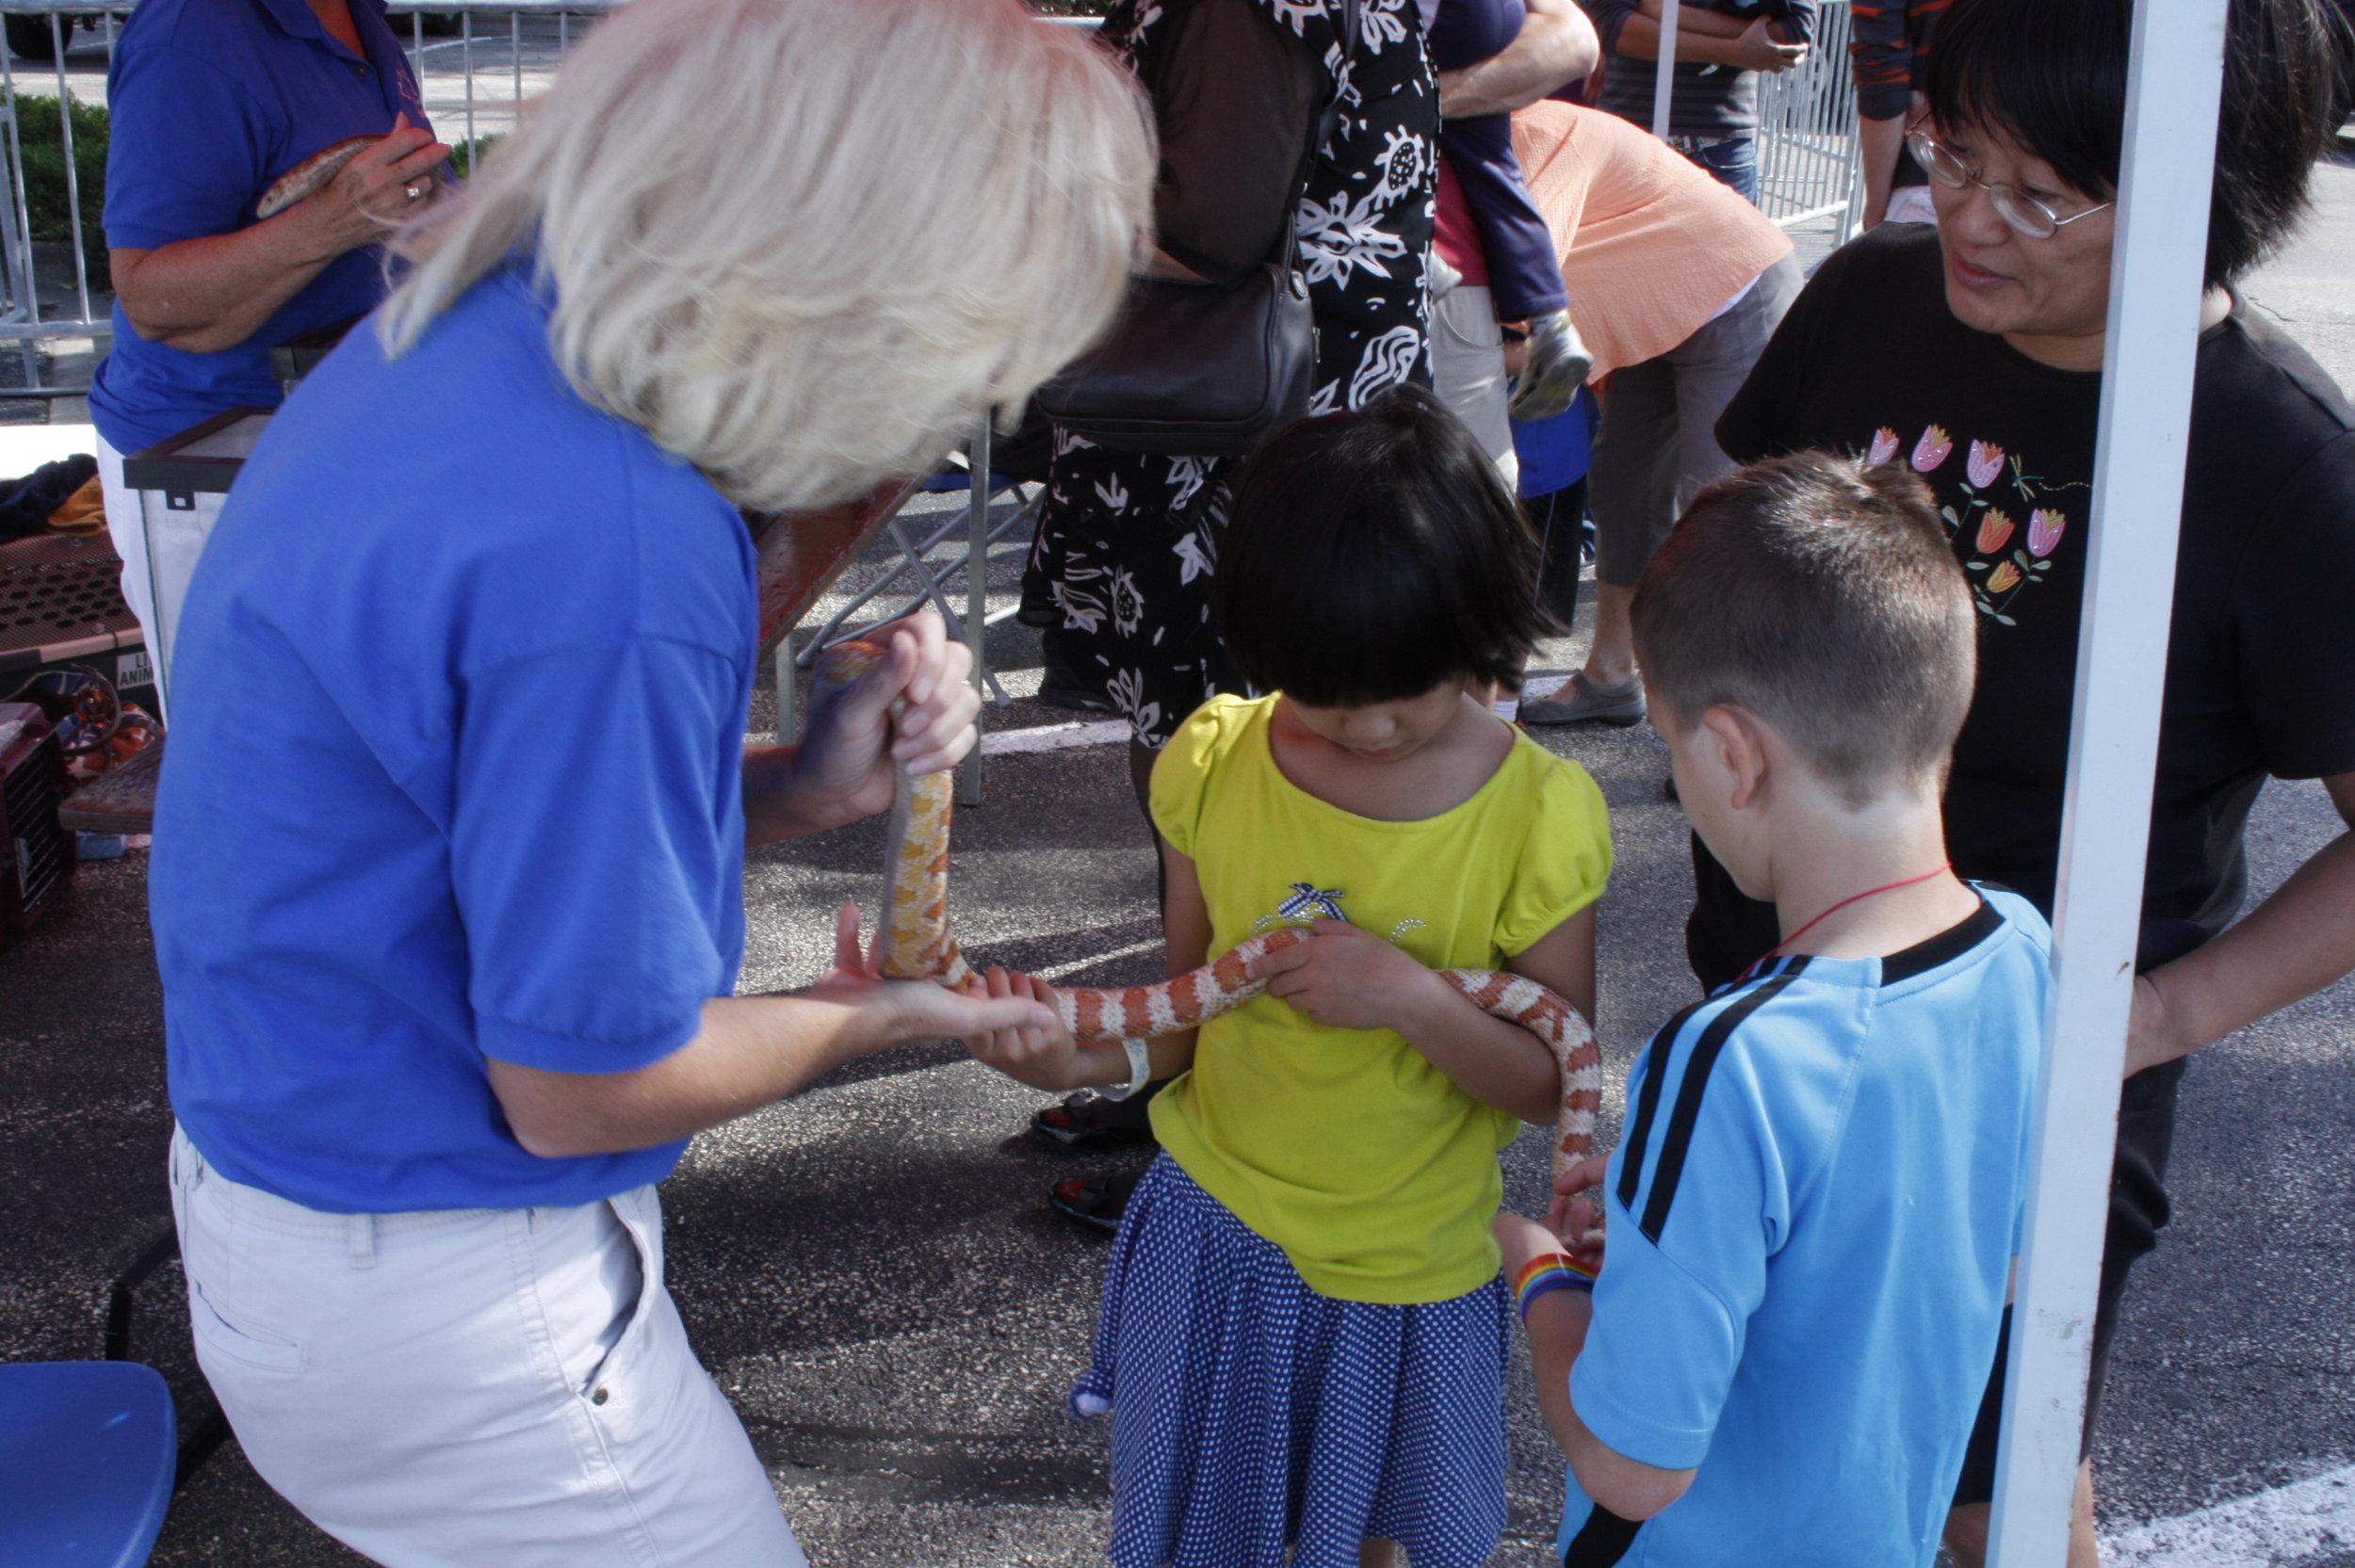 pridefest201220120908_0050.JPG